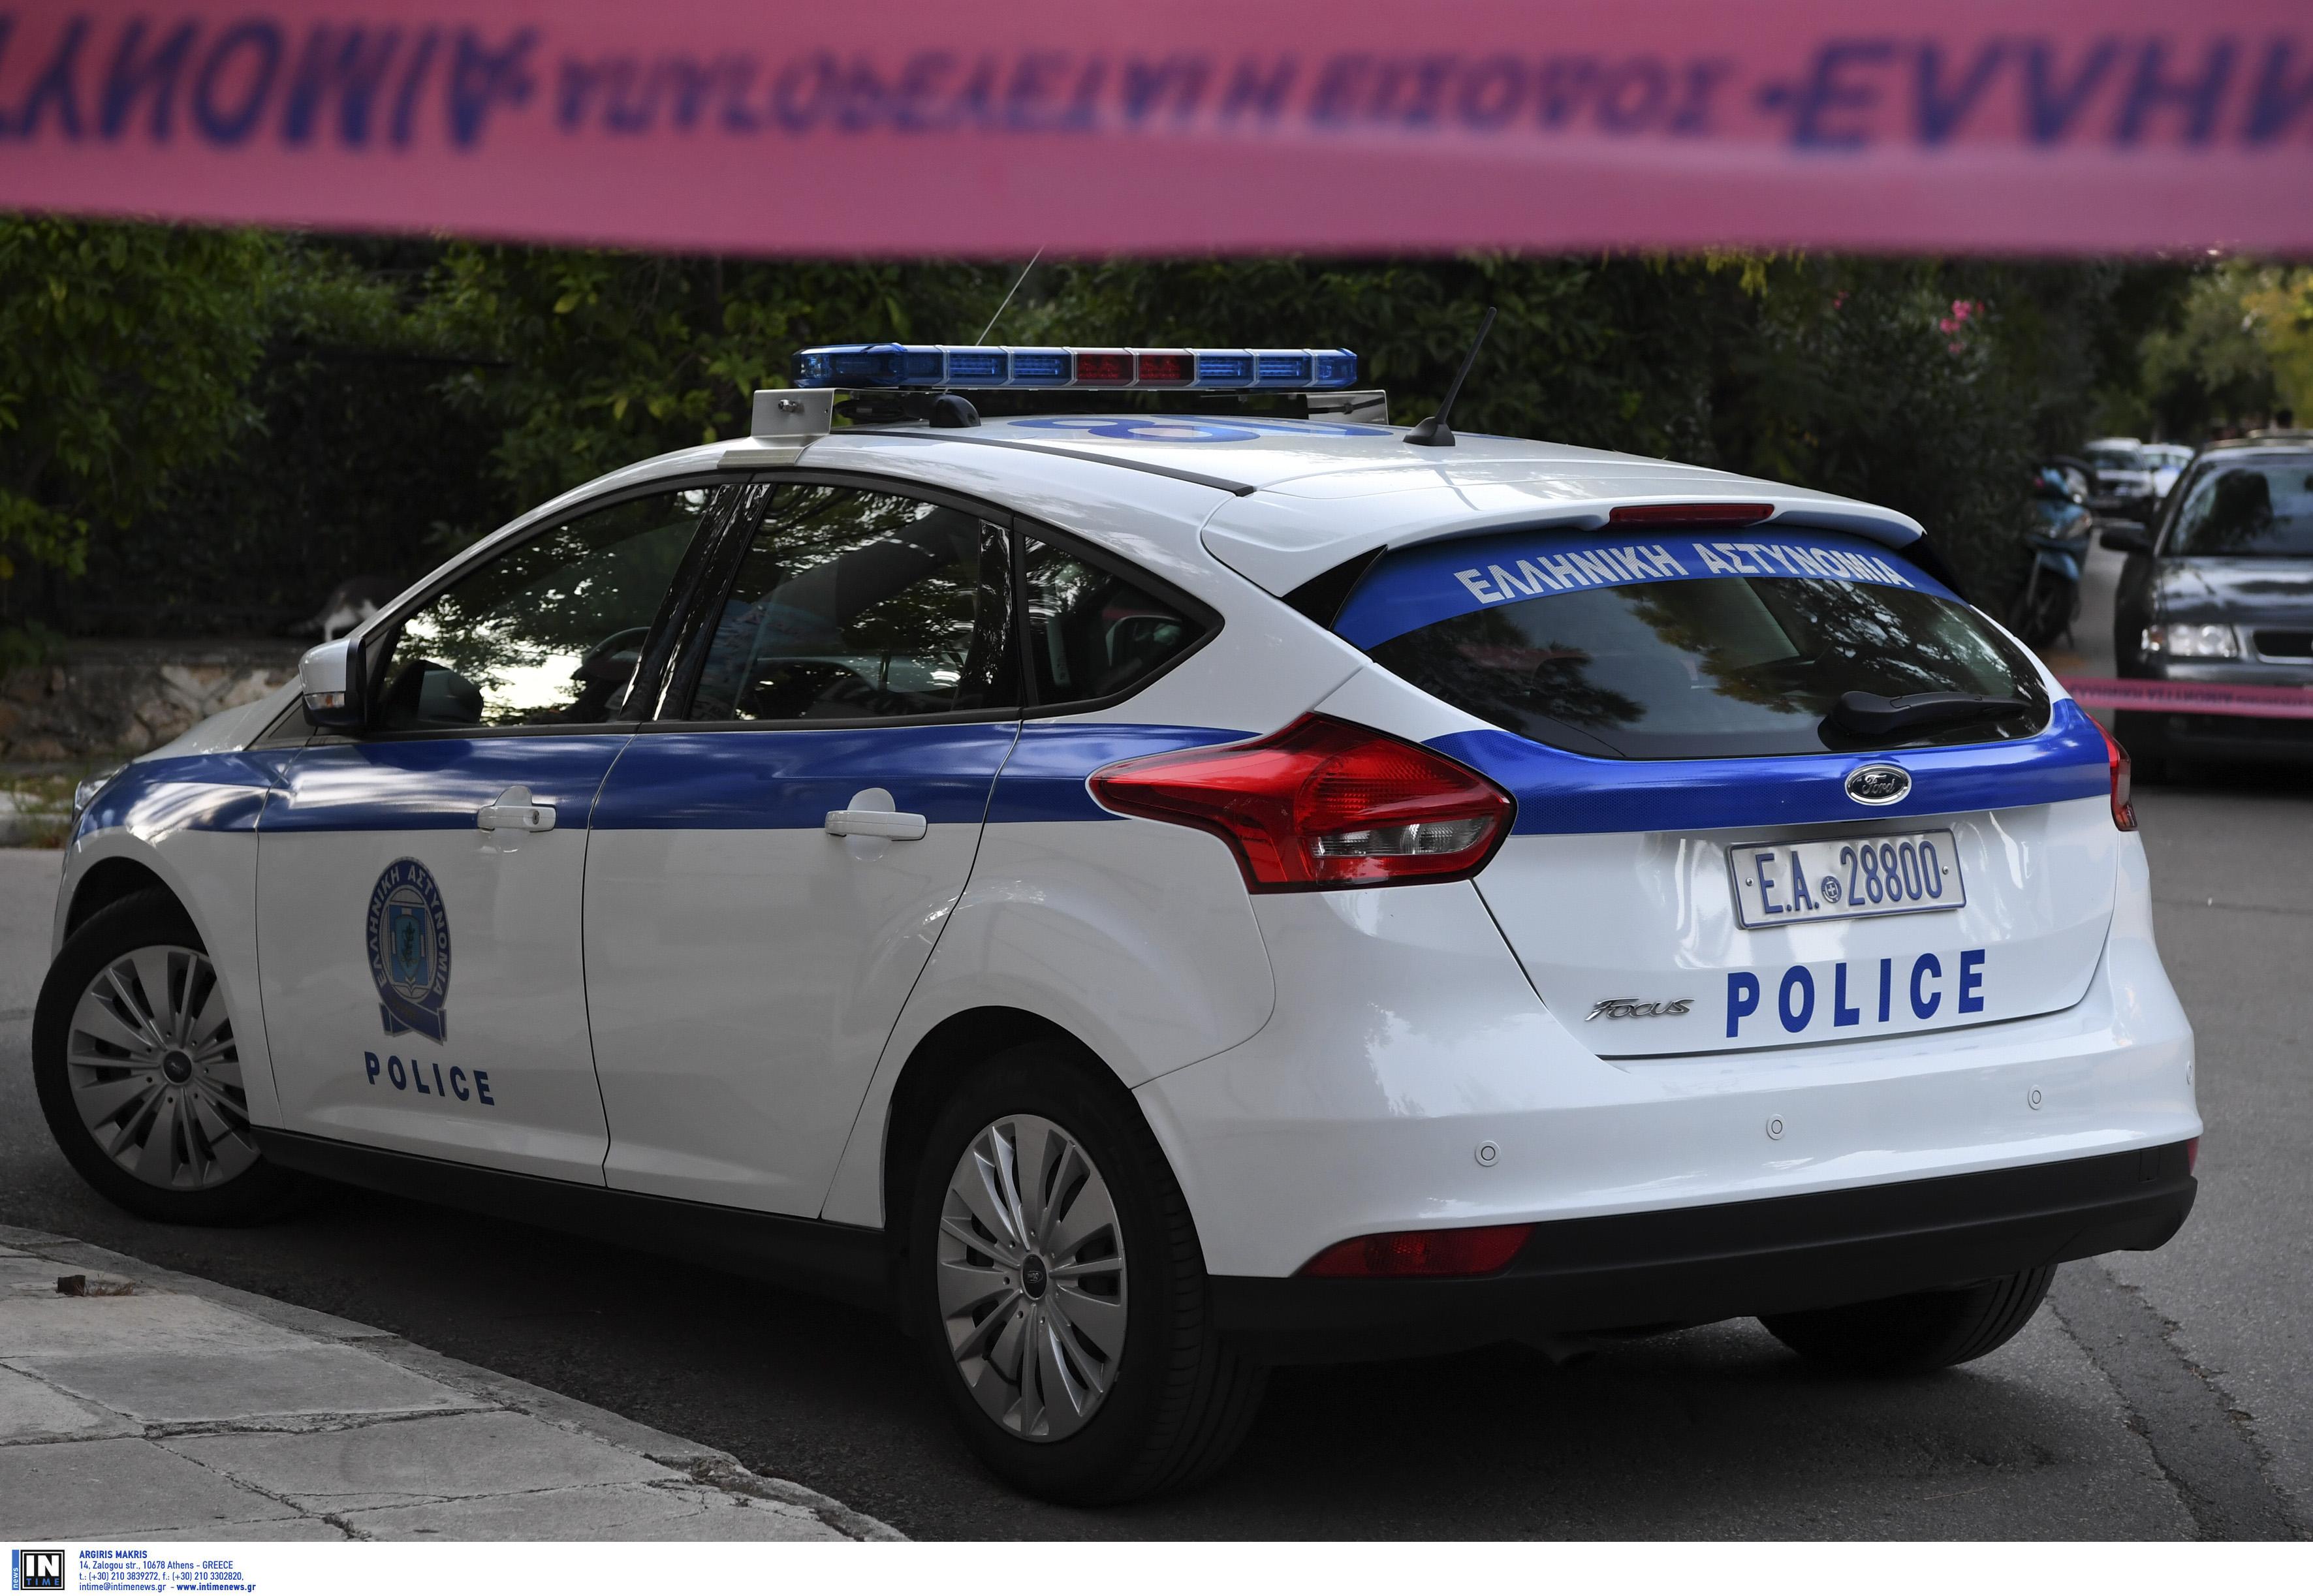 Ασπρόπυργος: Μπούκαραν με το αυτοκίνητο σε κατάστημα και έκλεψαν το ταμείο